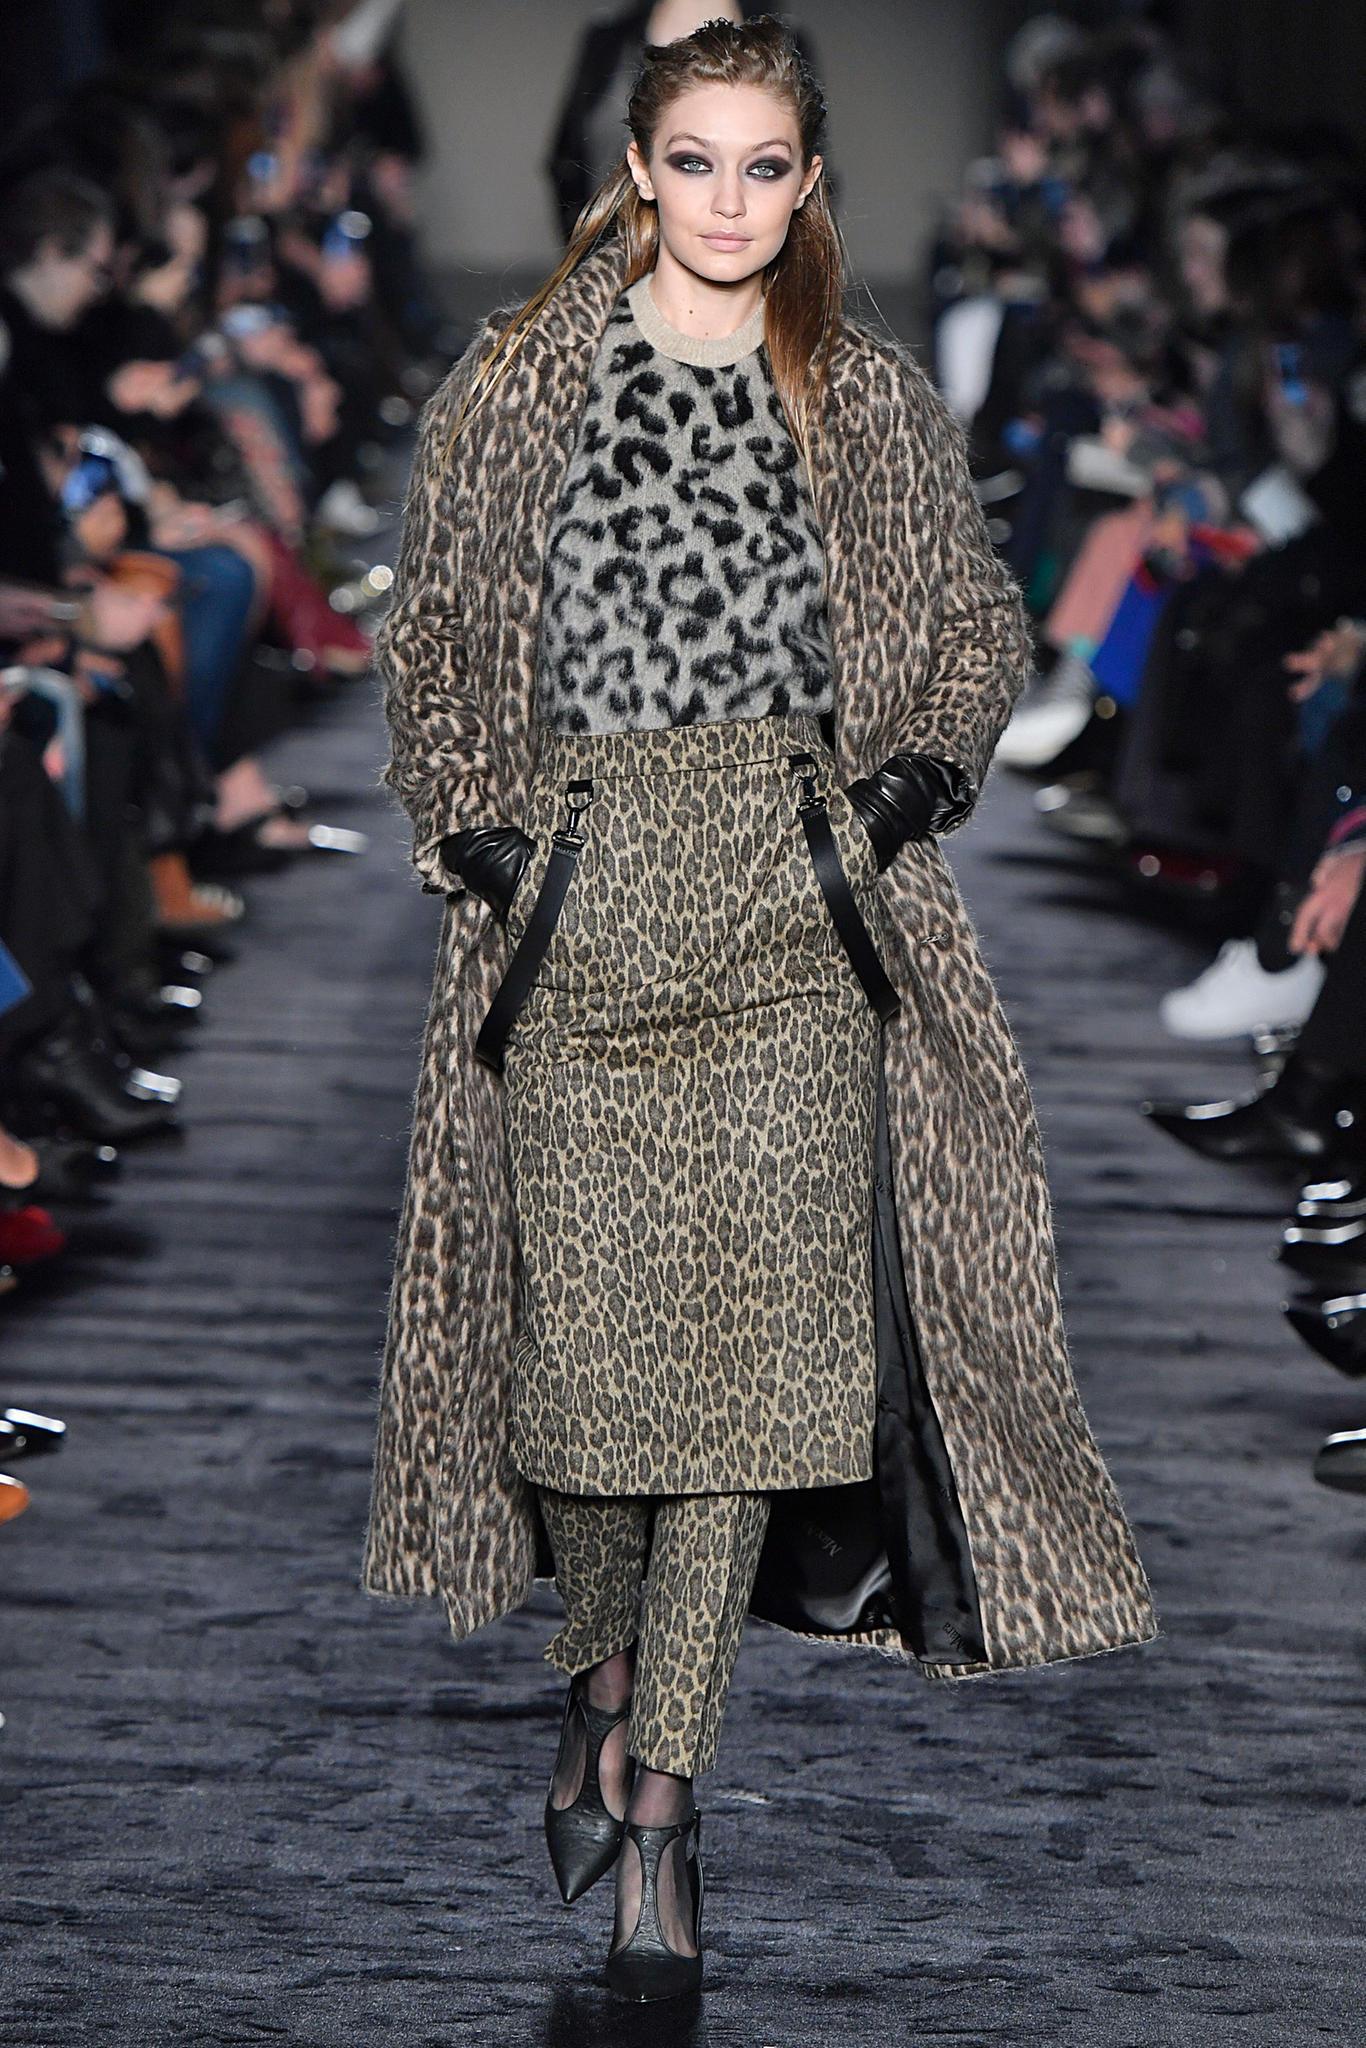 Mailand Fashion Week: Leo-Outfit von Max Mara